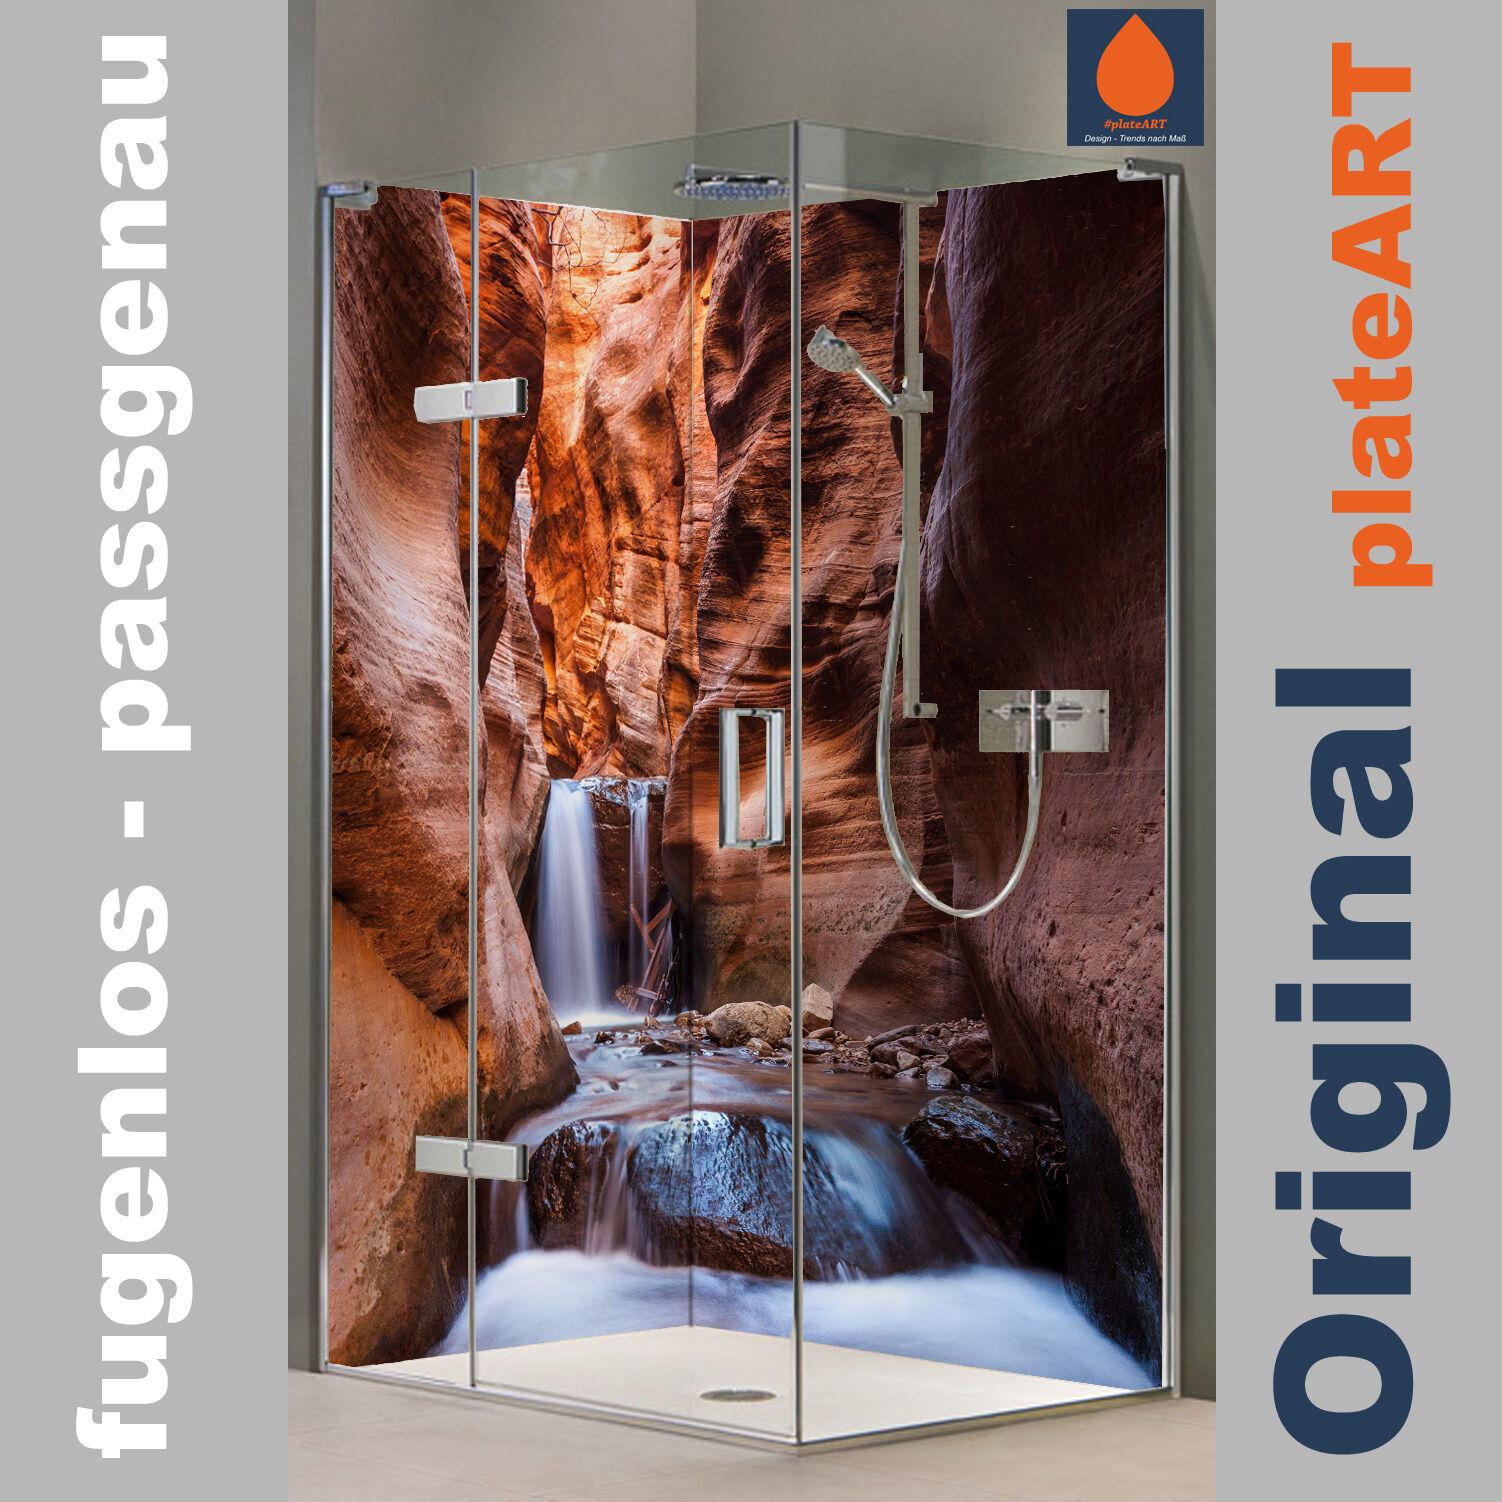 Eck Duschrückwand Rückwand Dusche Alu, Fliesenersatz, Zion - Wasserfall